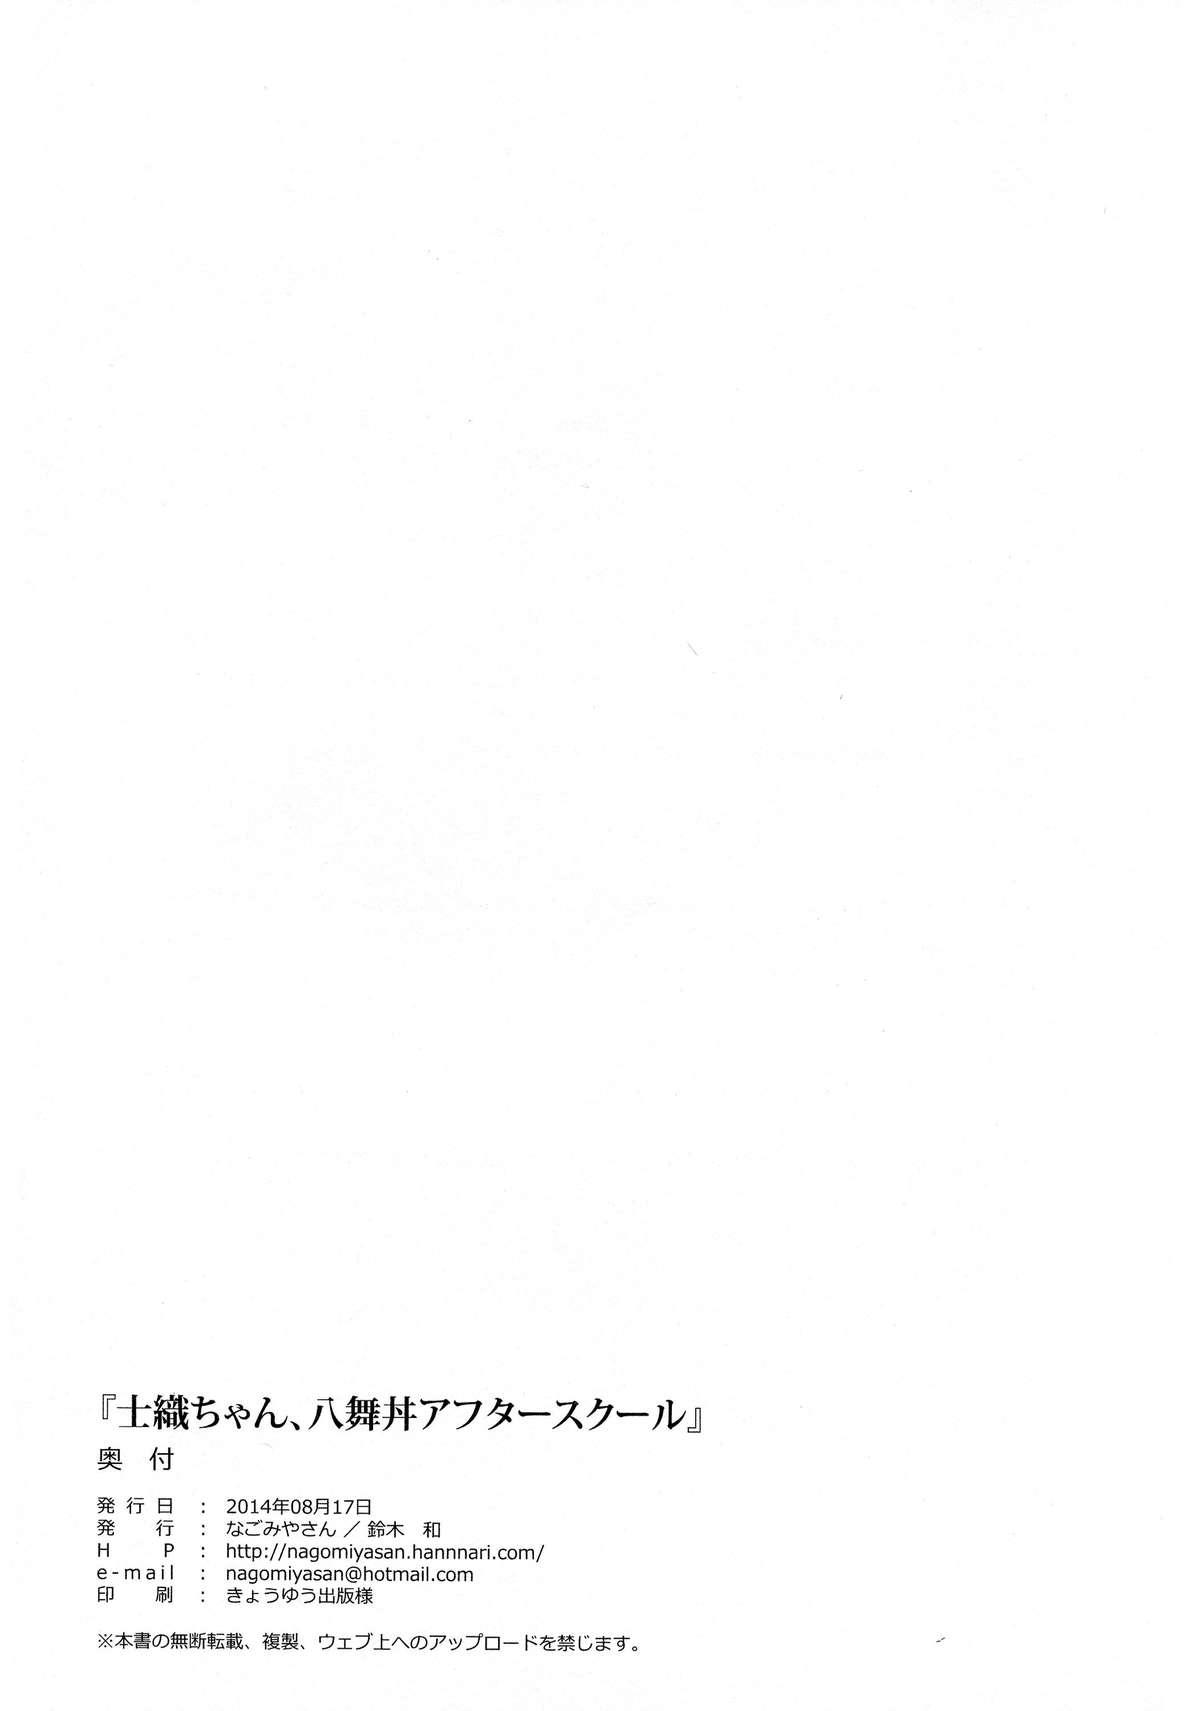 Hình ảnh  trong bài viết Truyện hentai Shiori-chan, Hachi Mai Donburi After School